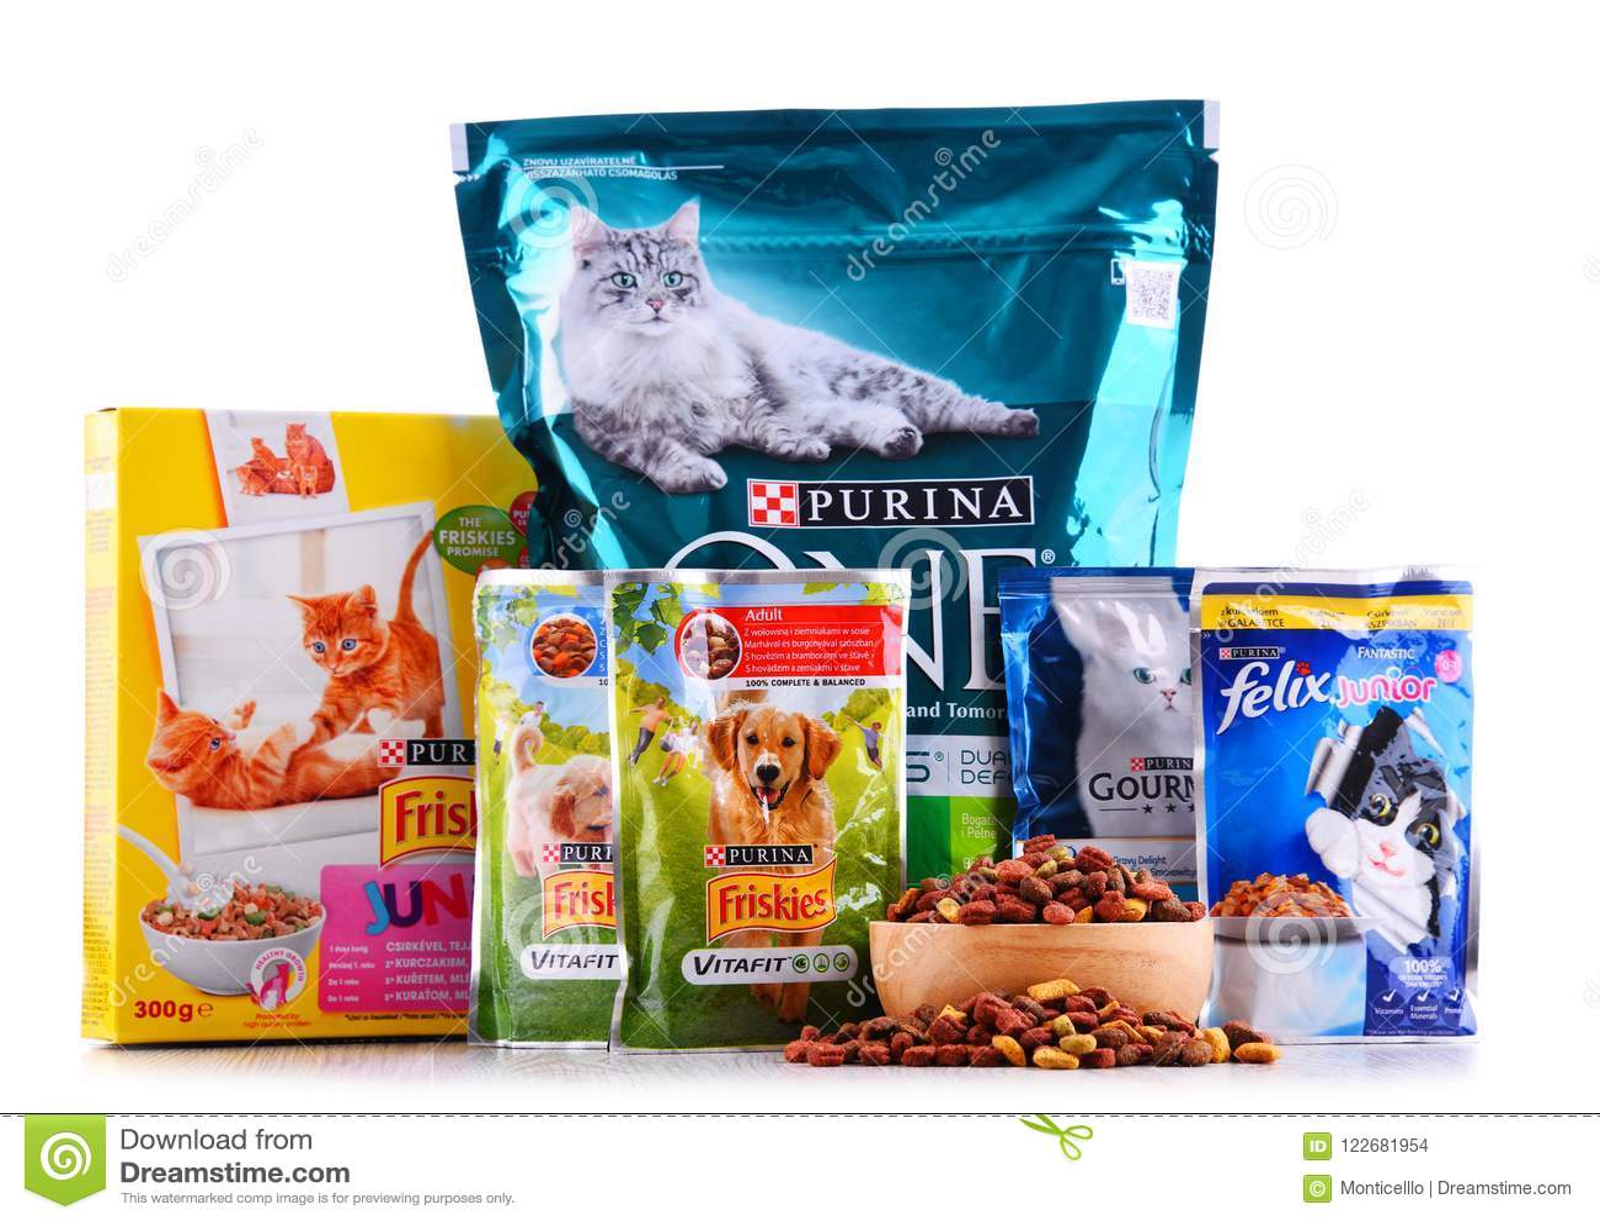 produits d 39 aliment pour animaux familiers de purina image stock ditorial image du purina. Black Bedroom Furniture Sets. Home Design Ideas